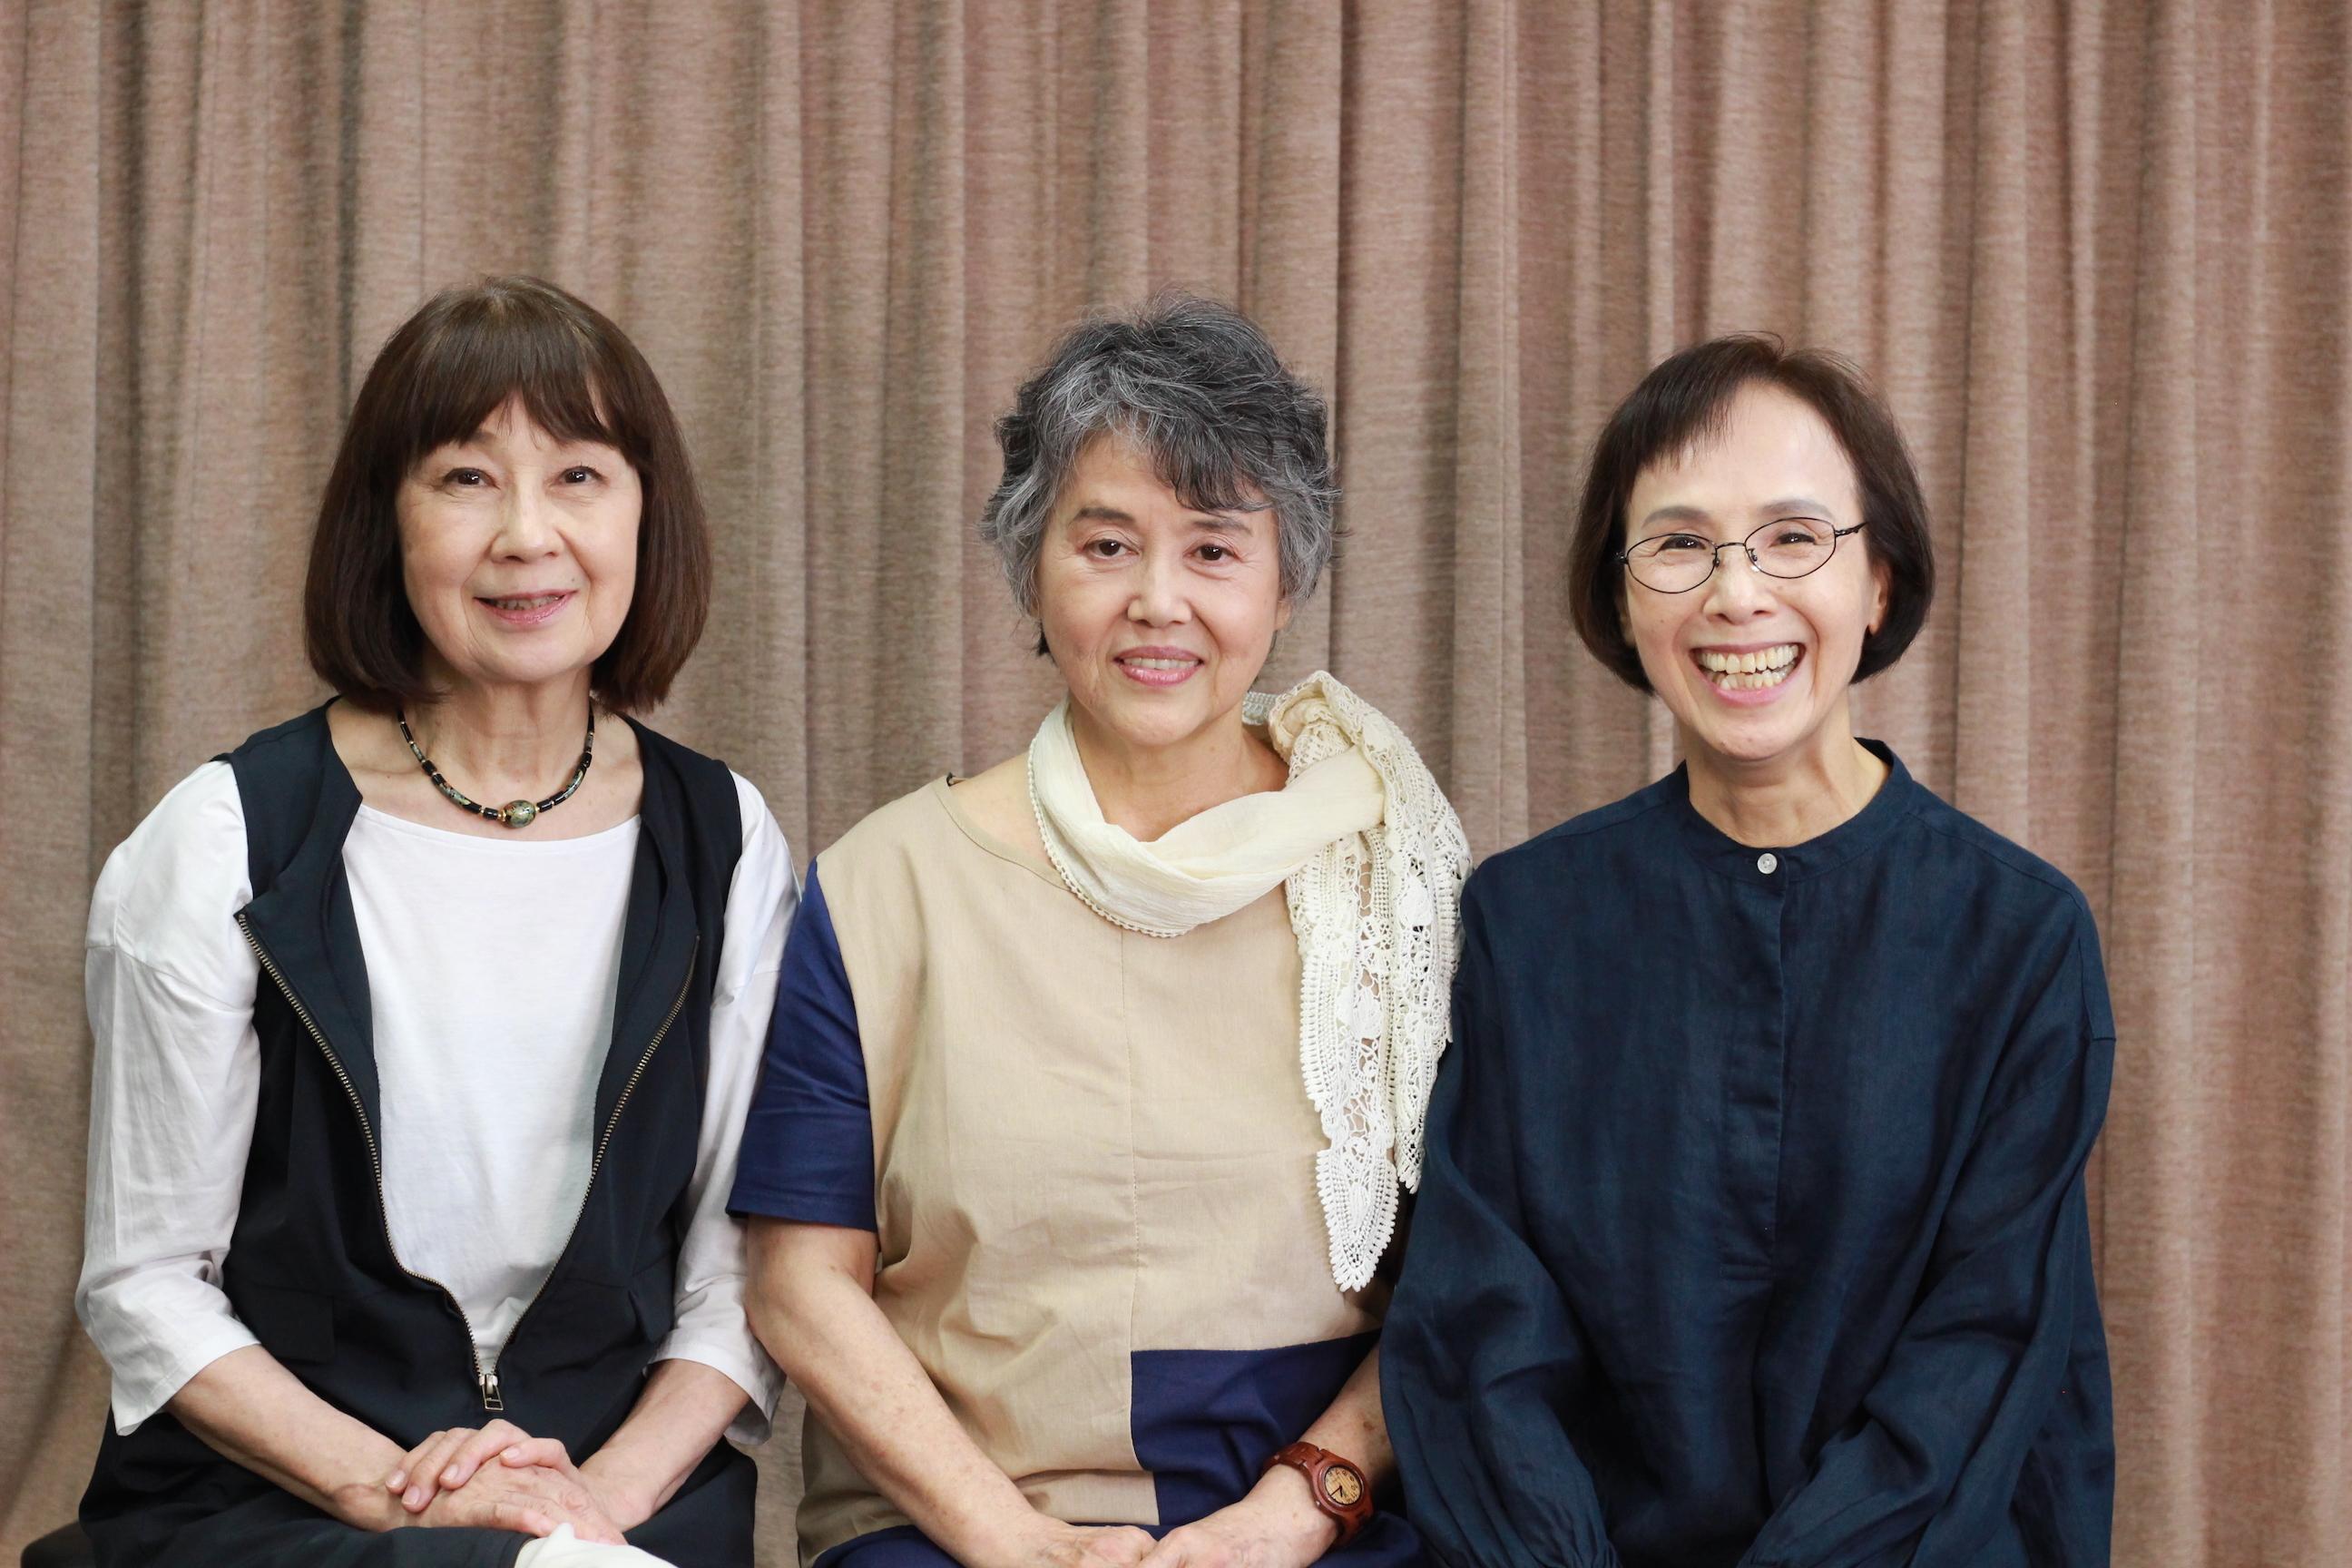 左より田岡美也子、岡本麗、松金よね子